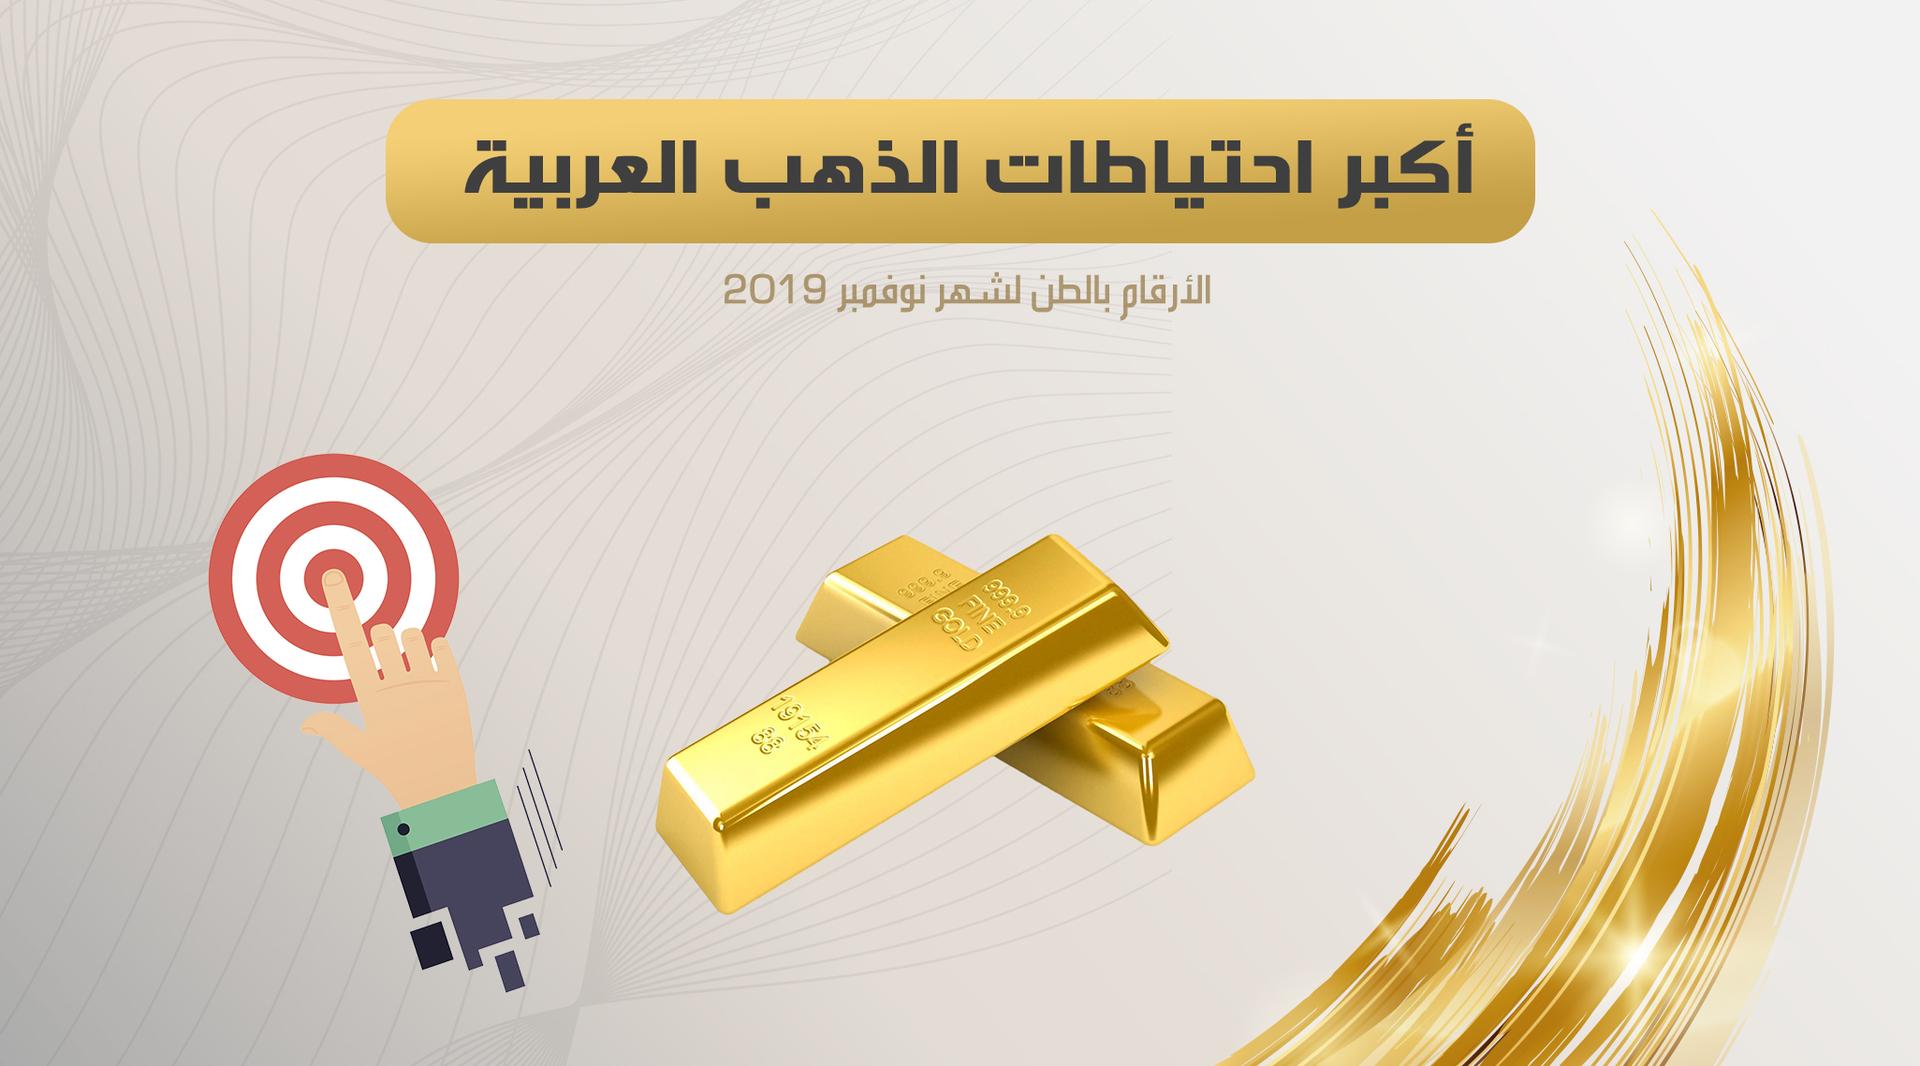 أكبر احتياطات الذهب العربية (نوفمبر 2019)